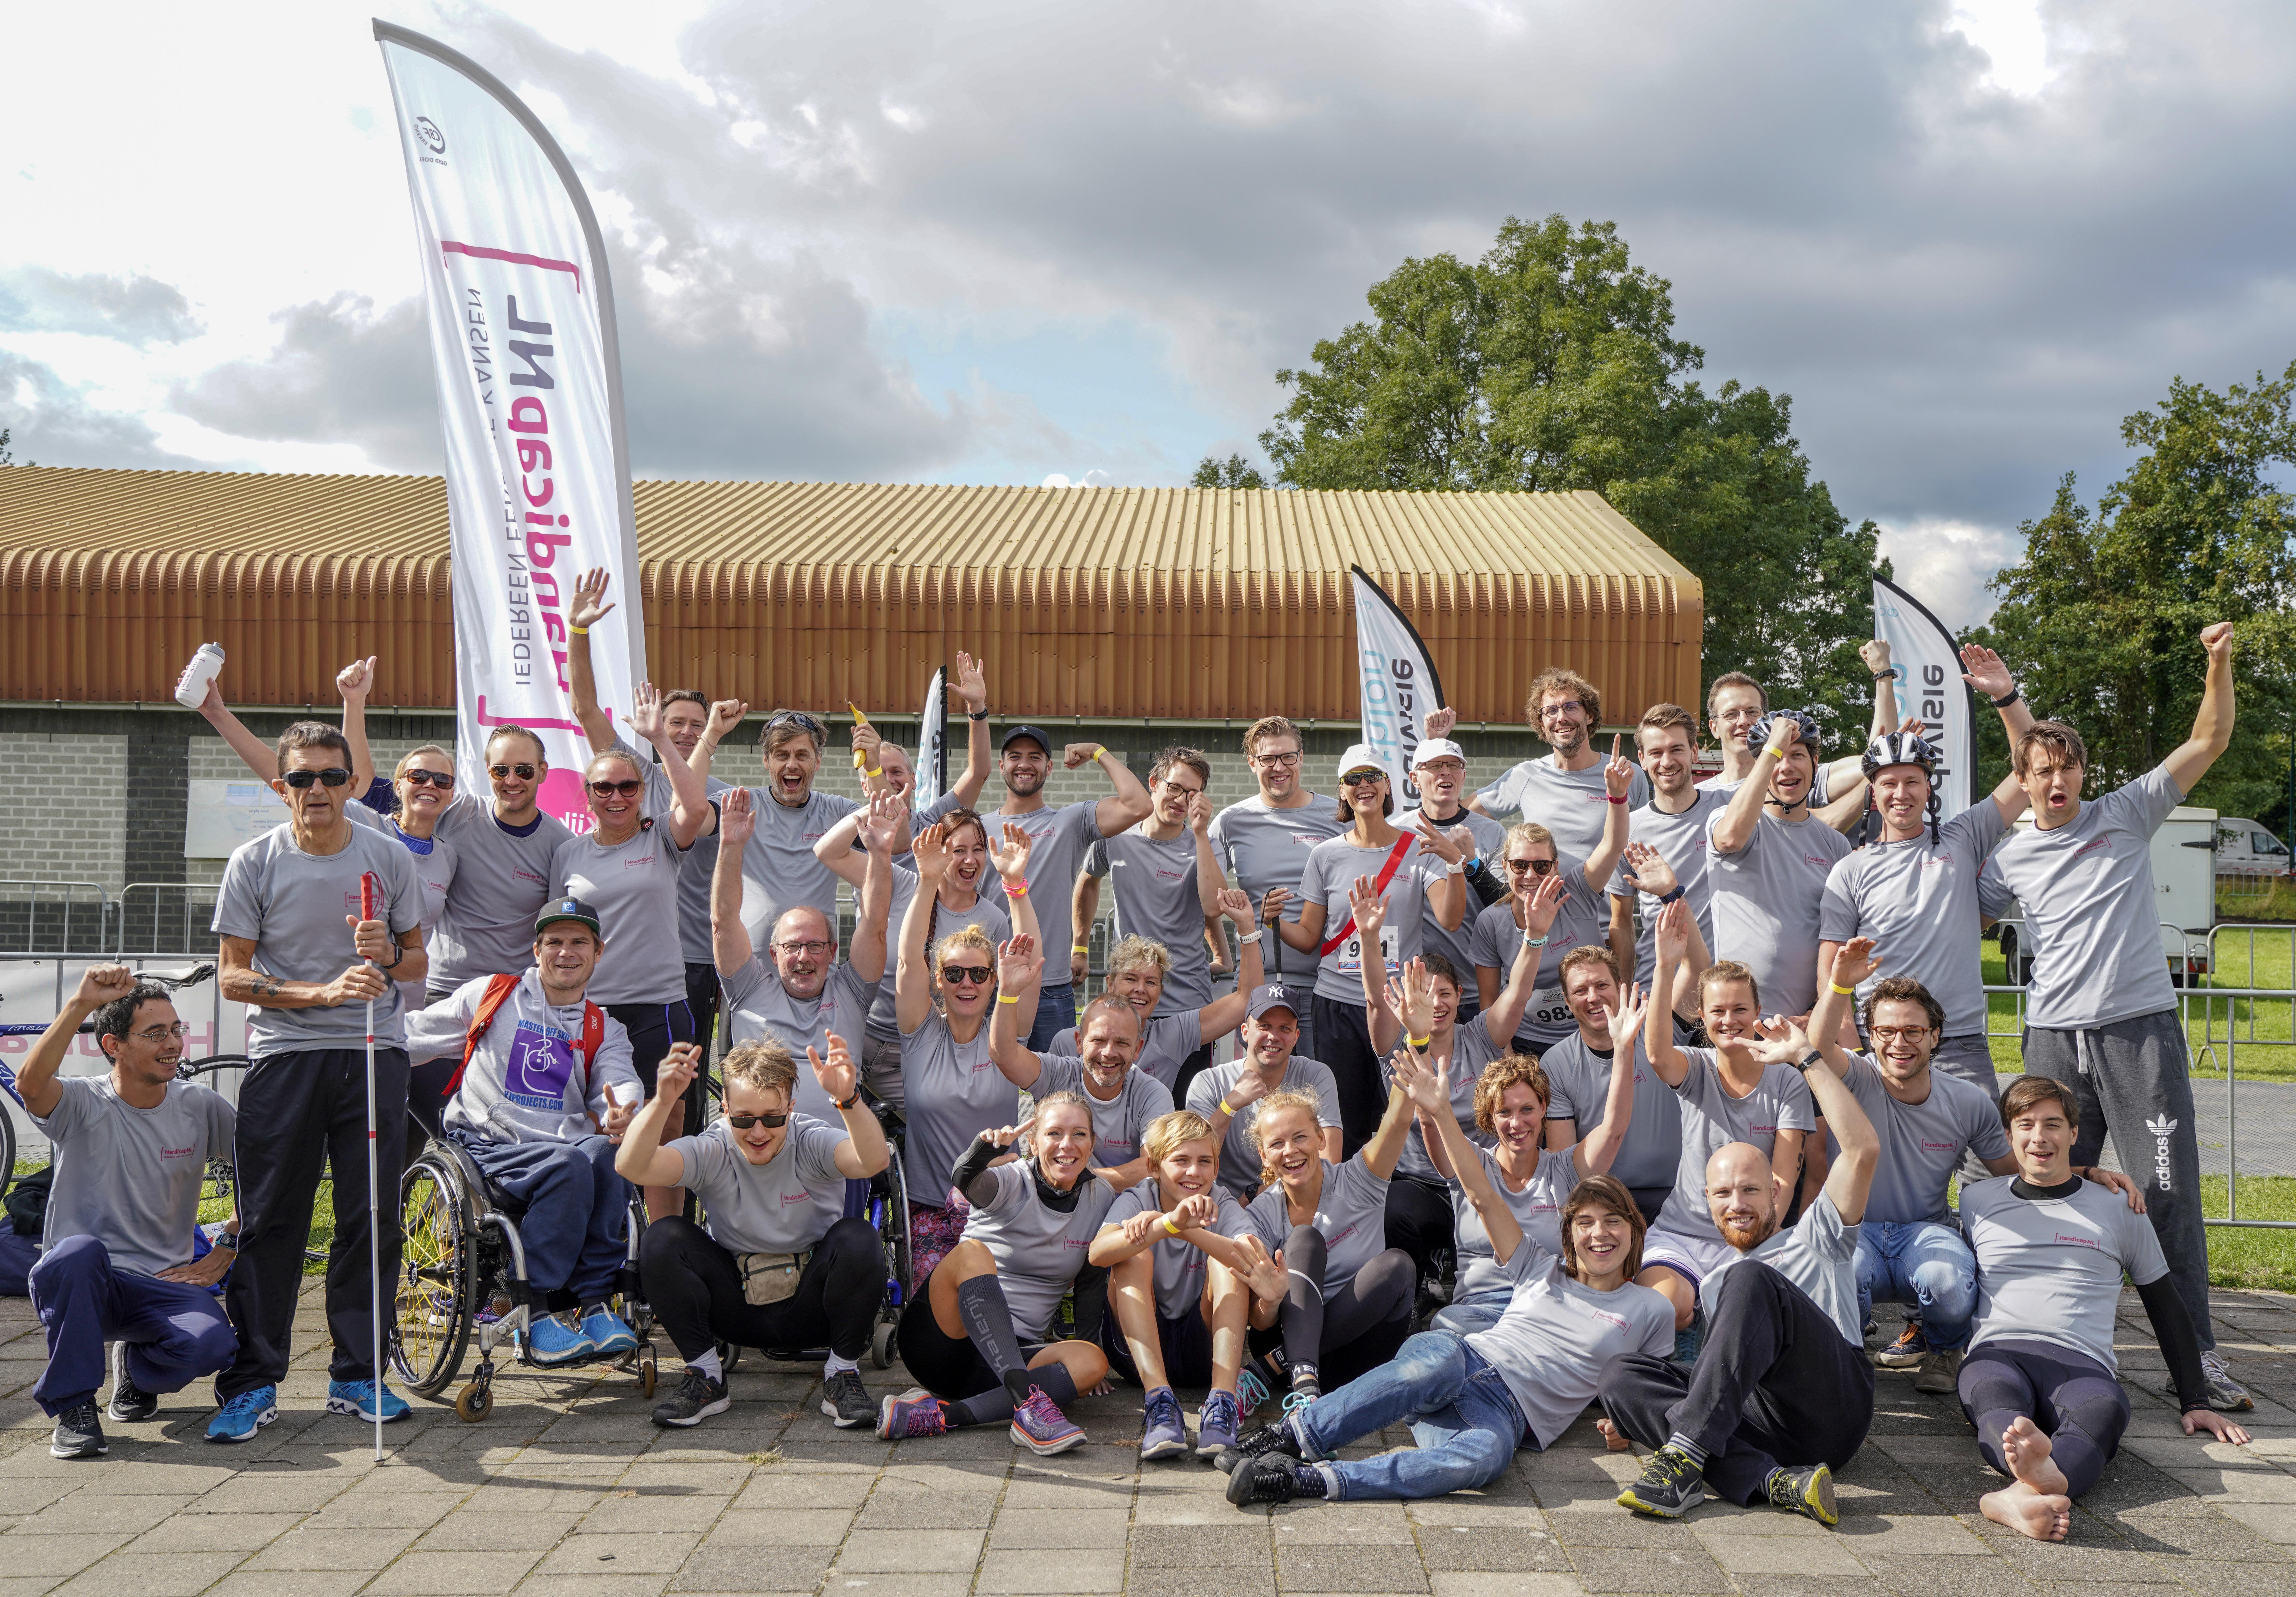 Groepsfoto van de deelnemers aan de Sponsor Team Triathlon serie van HandicapNL tijdens Triathlon Veenendaal.